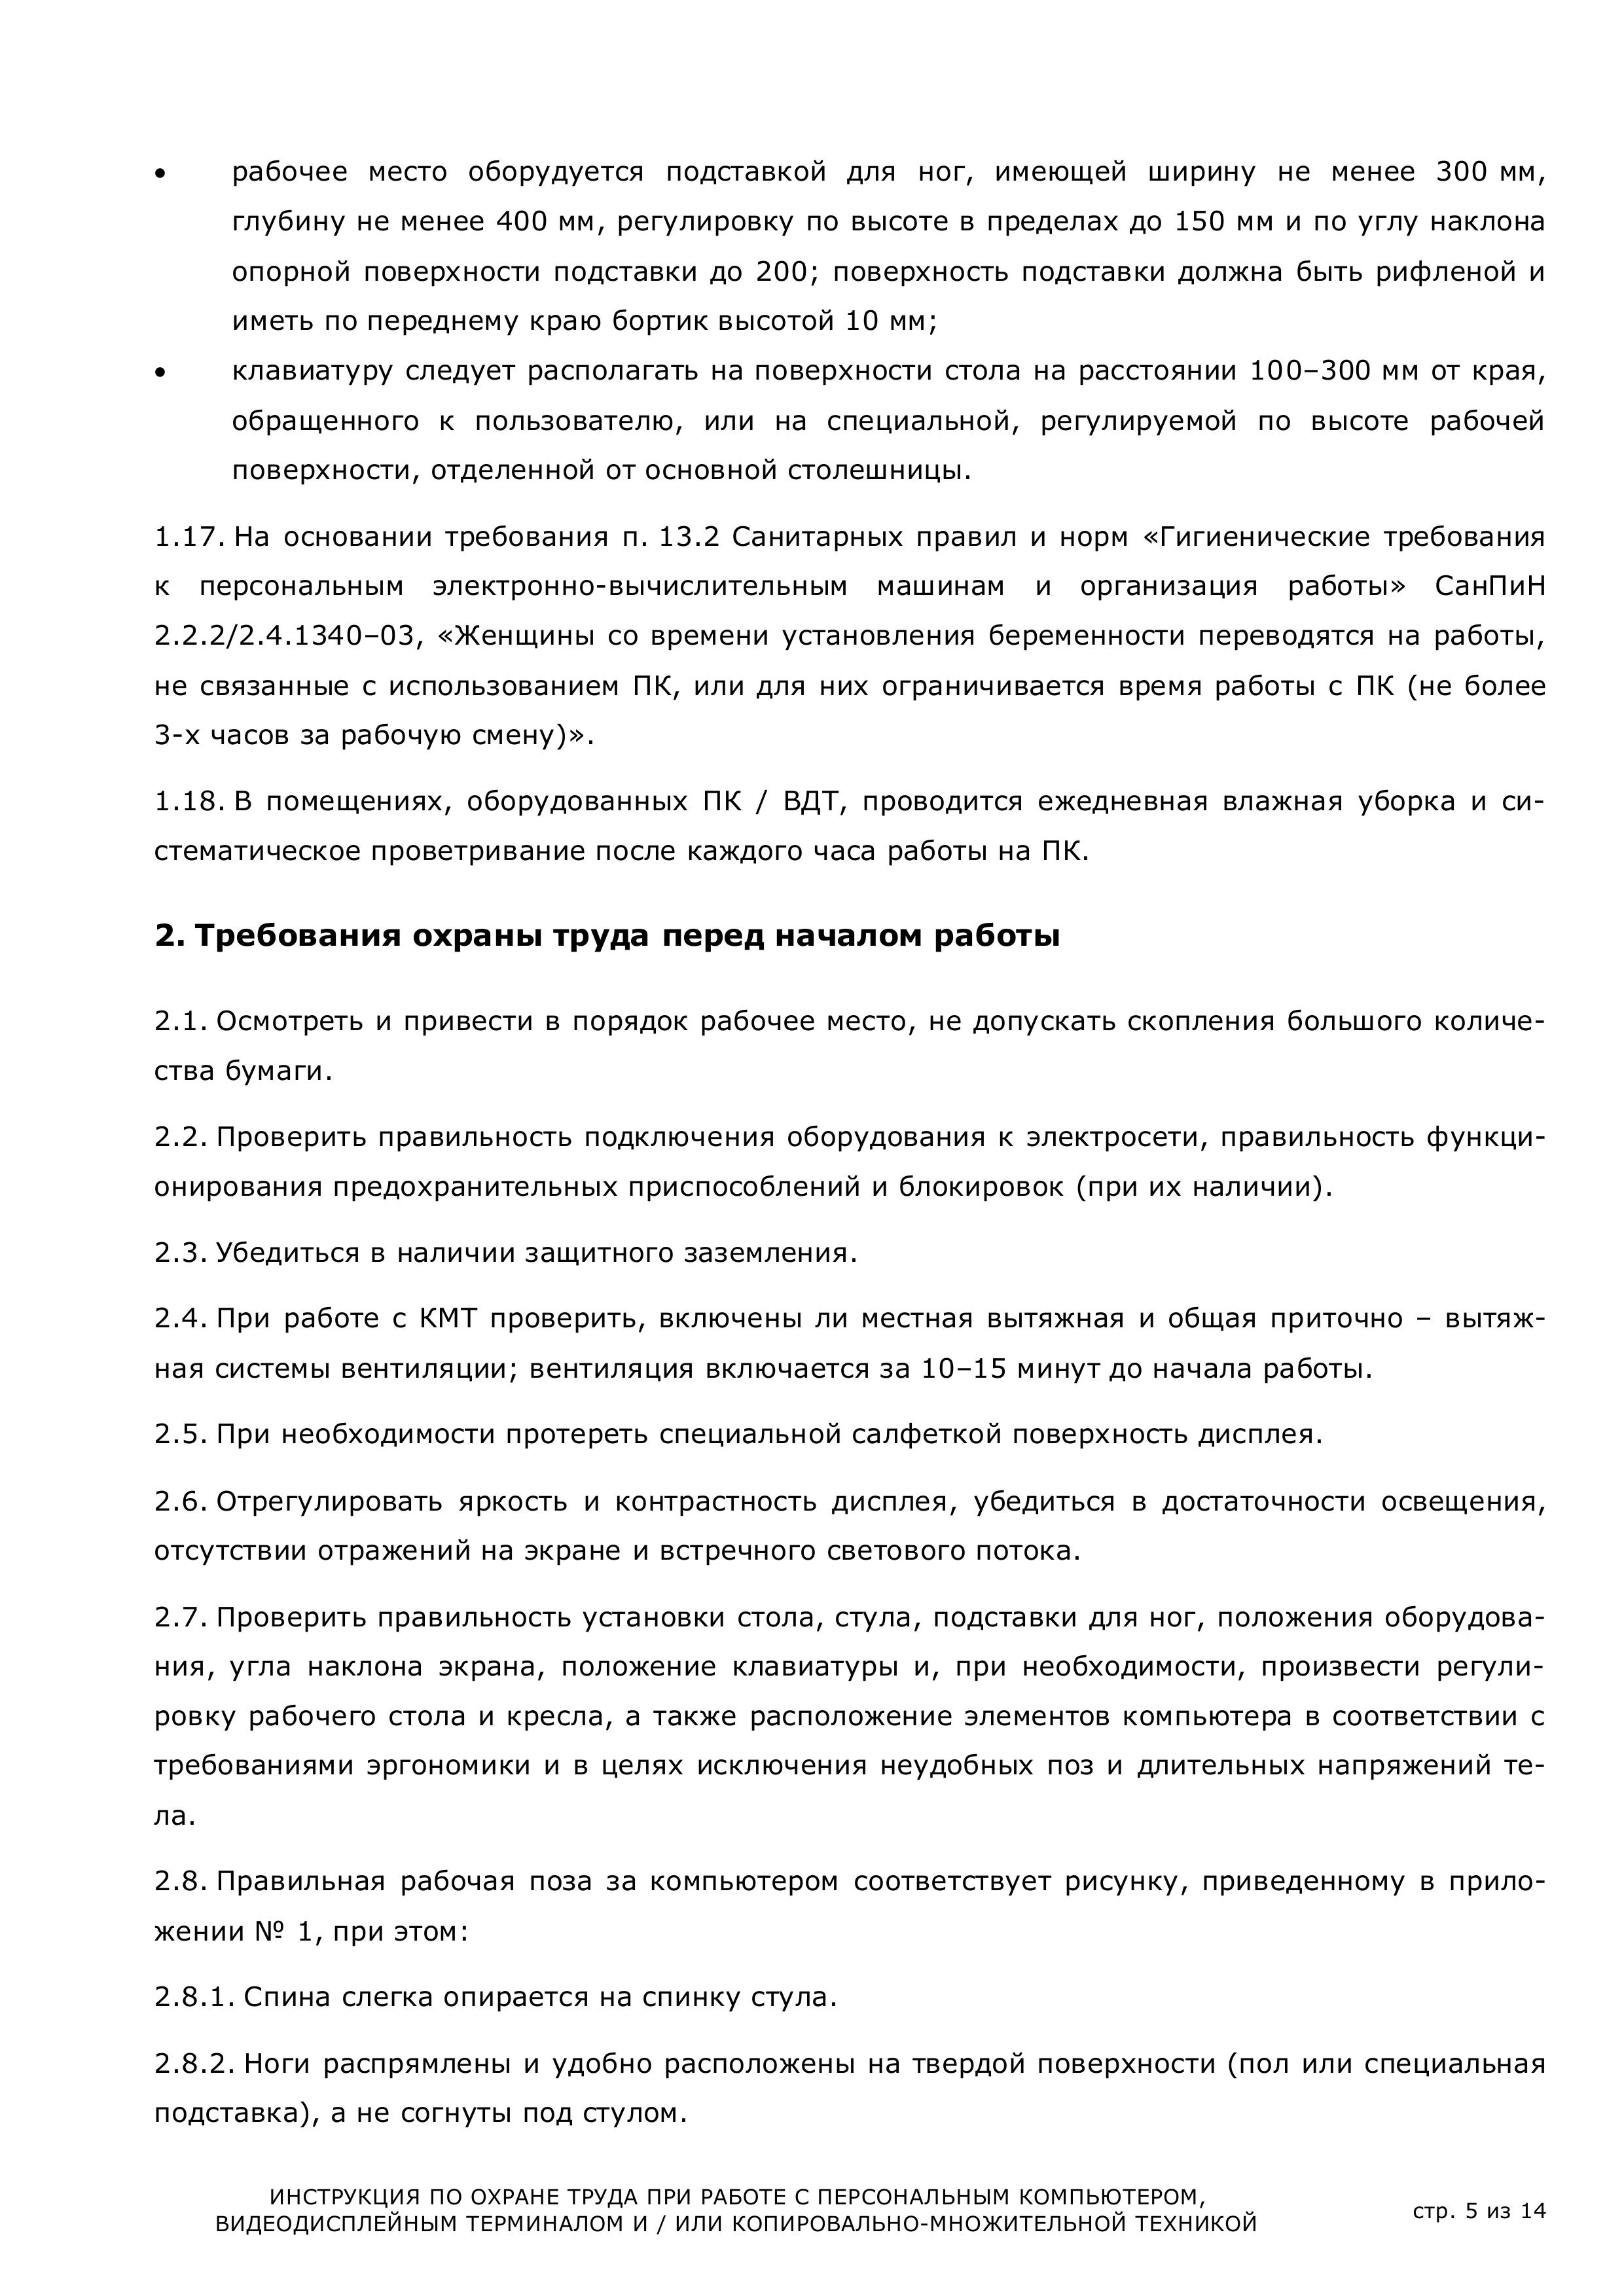 Инструкции по охране труда по главам